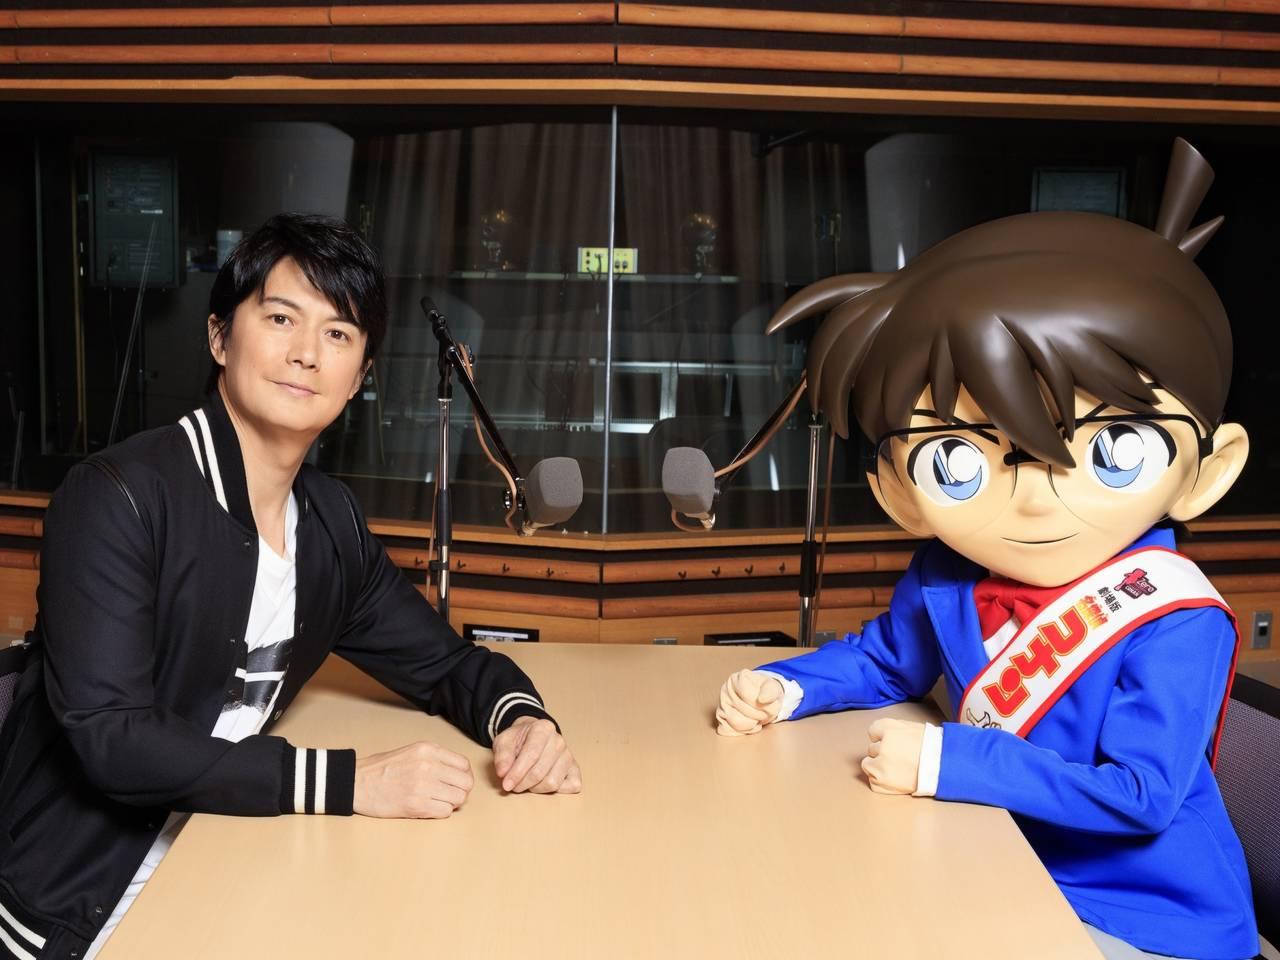 福山雅治×コナンがラジオ初対談!劇場版『名探偵コナン ゼロの執行人』主題歌 『零 -ZERO-』初オンエアも!